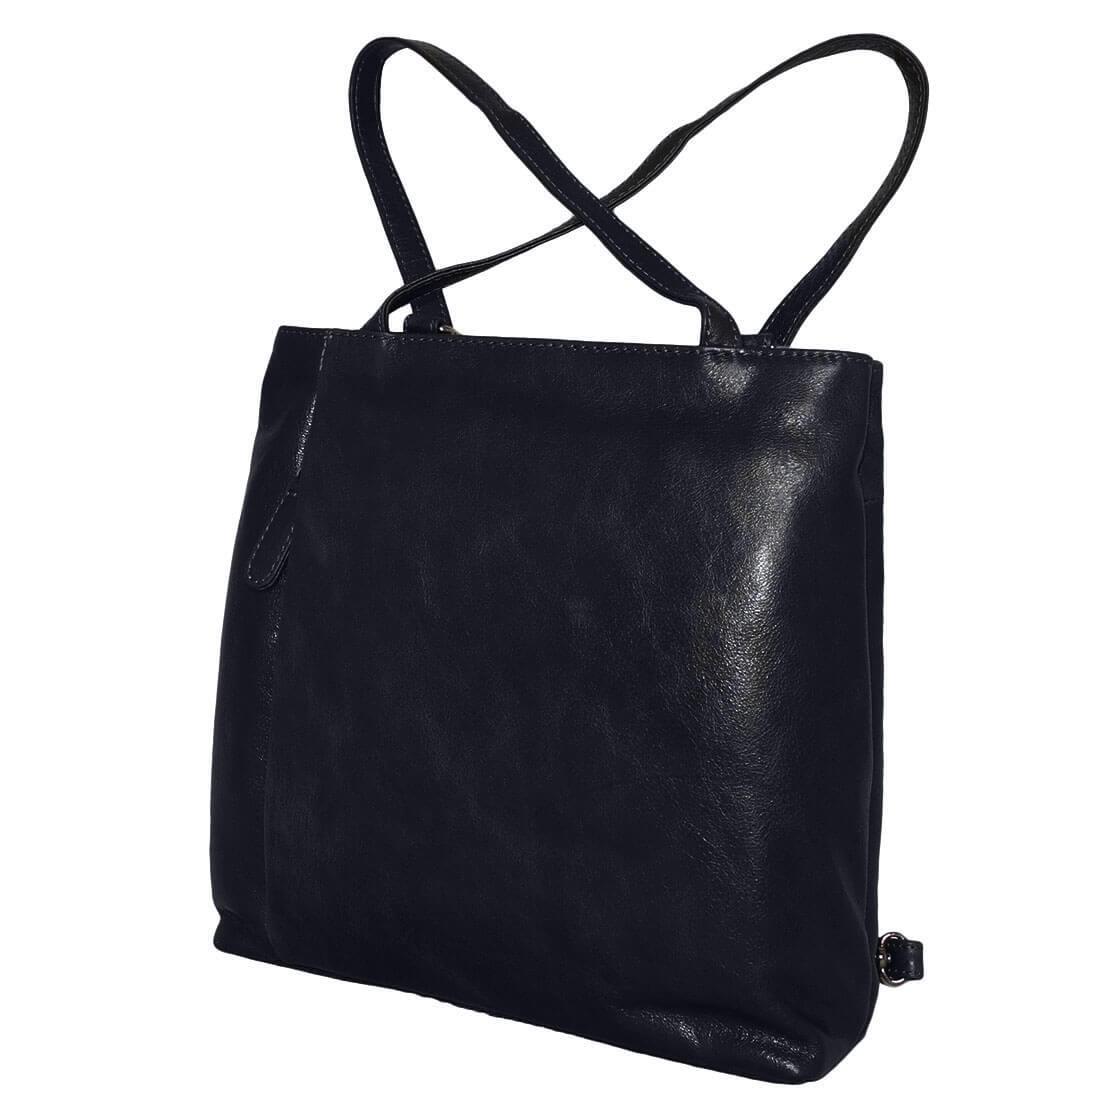 97007551f43 Prachtige echt leren rugzak/schoudertas van Czanne. De tas gemaakt van  hoogwaardige kwaliteit leer voelt super aan en is soepel. Deze handige tas  kunt zowel ...